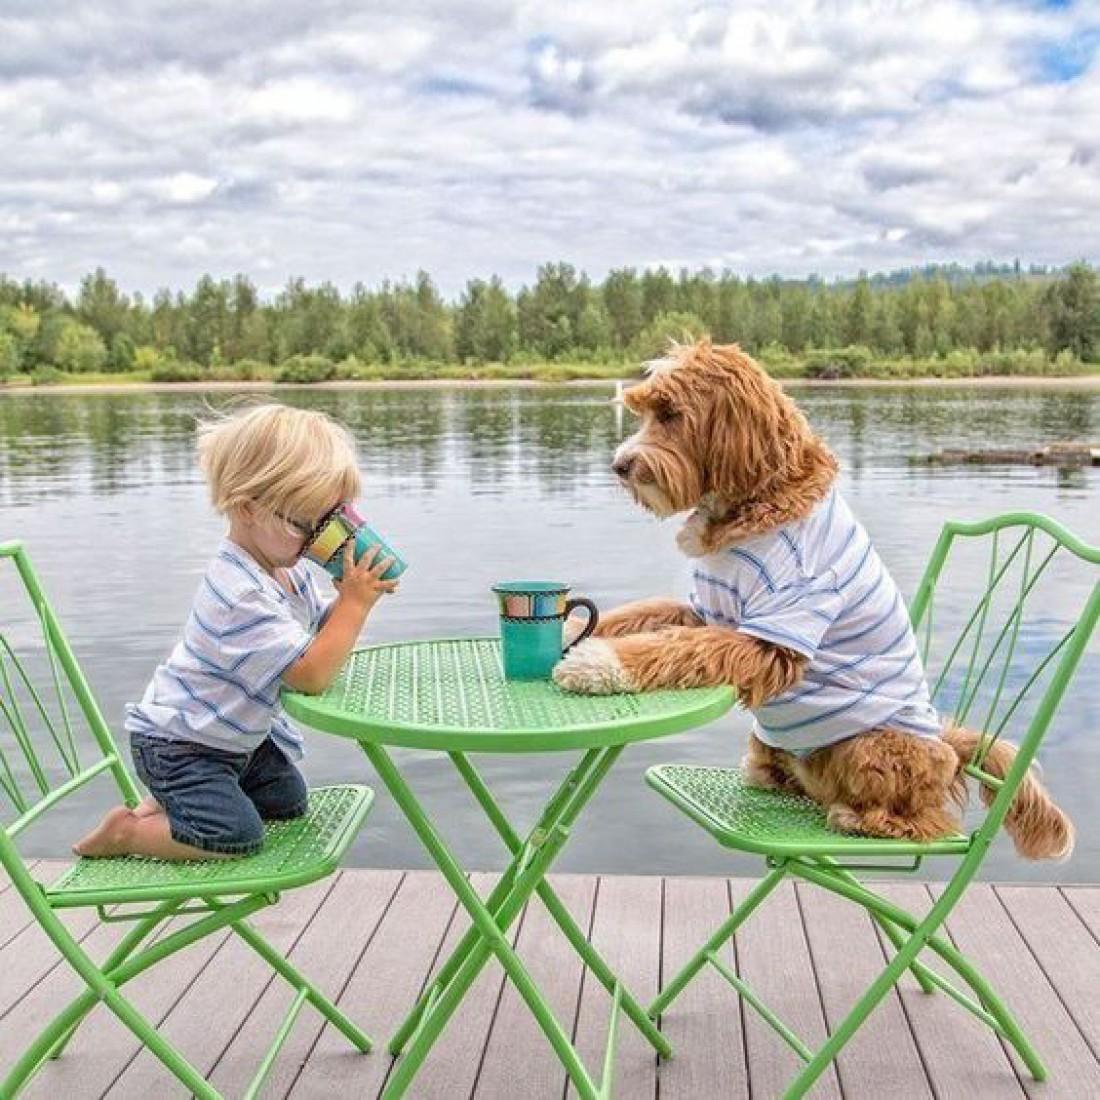 ТОП-20 фото-доказательств того, что собака для ребенка - самый лучший подарок